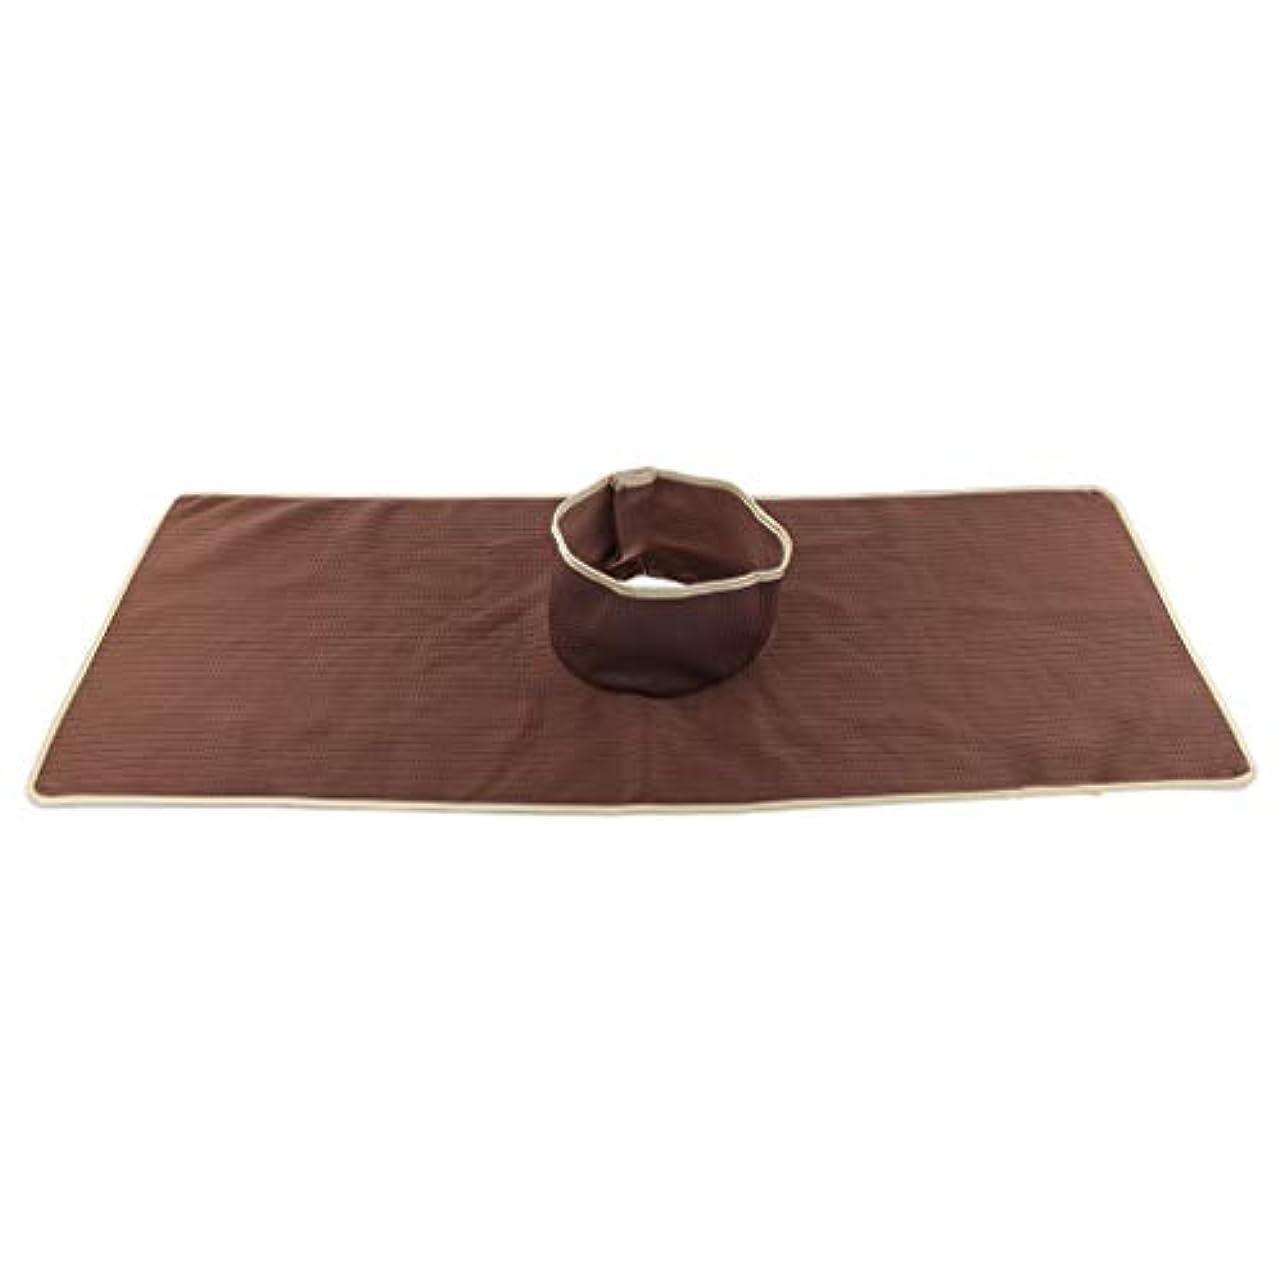 時期尚早リーズほめるサロン マッサージベッドシート 穴付き 衛生パッド 再使用可能 約90×35cm 全3色 - コーヒー